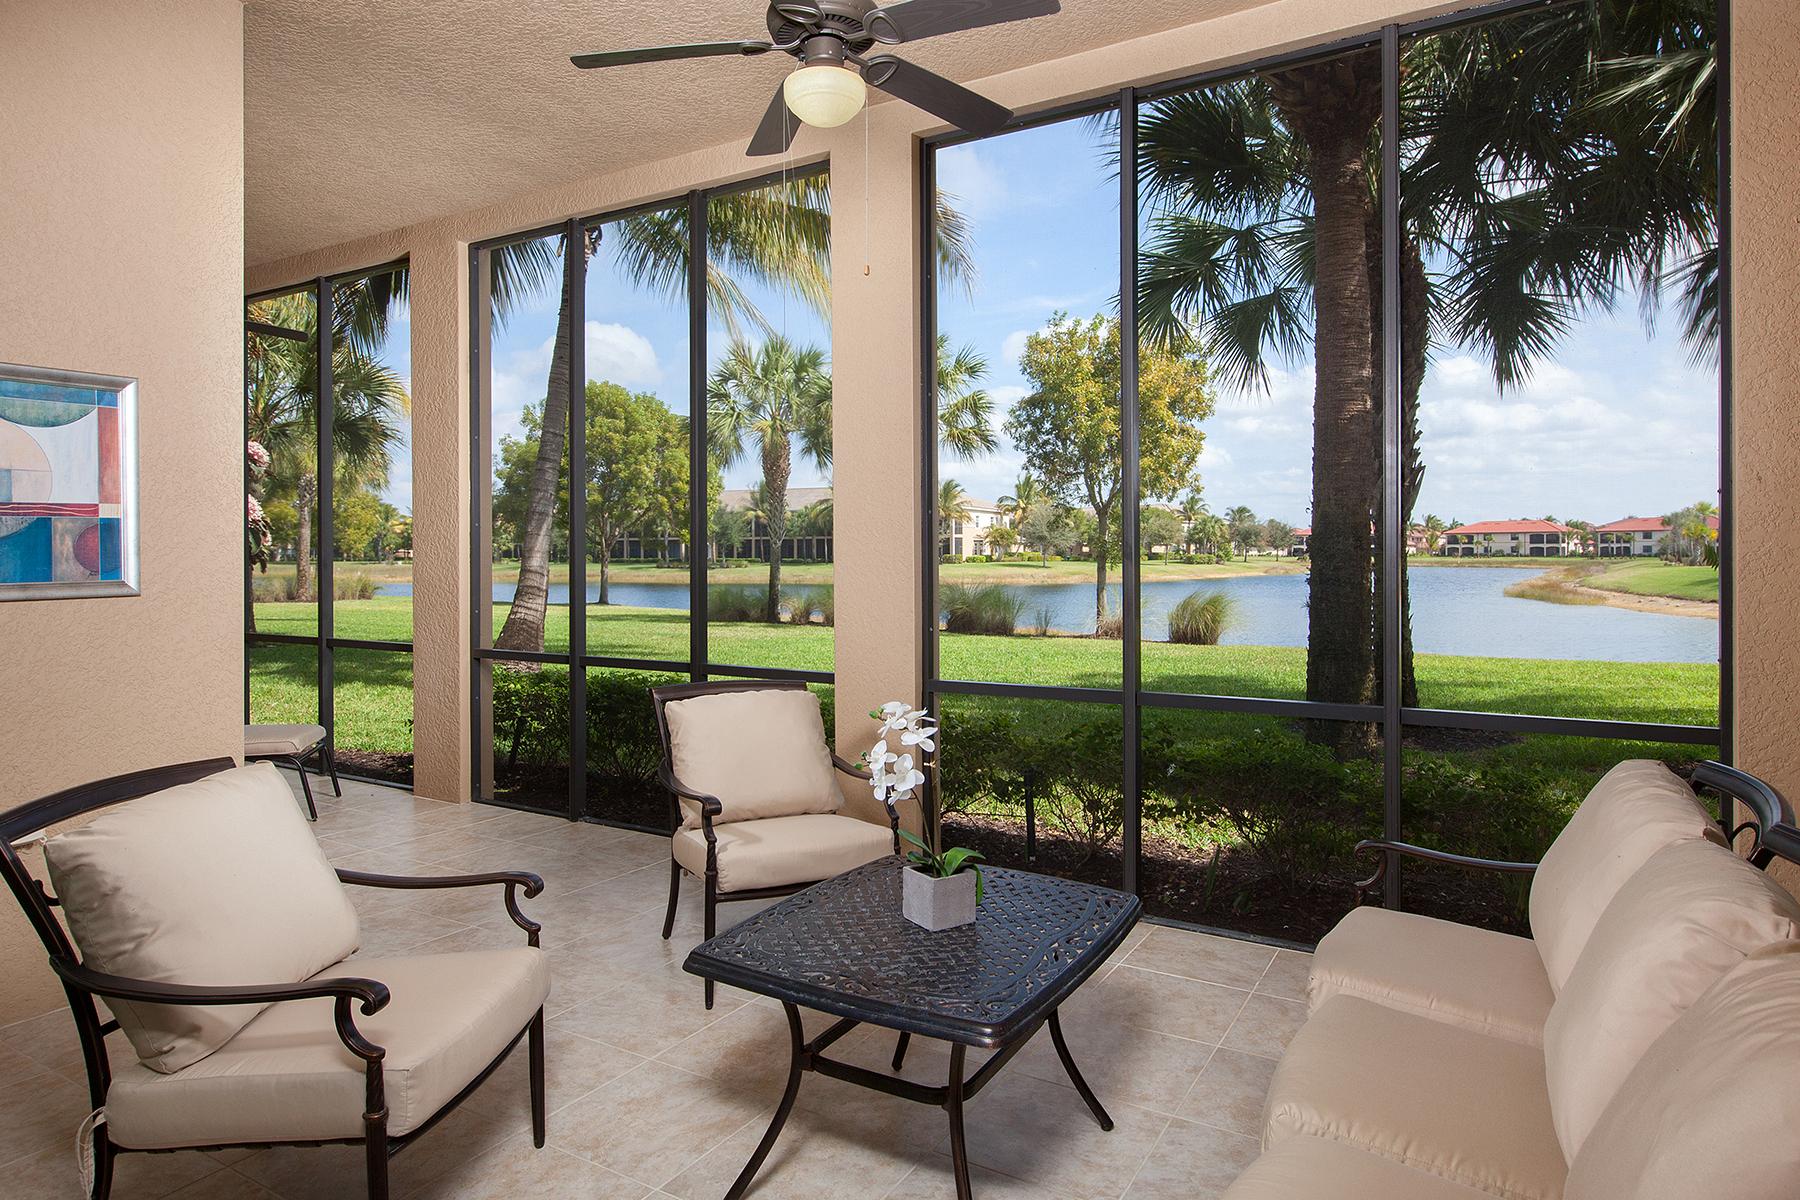 共管式独立产权公寓 为 销售 在 FIDDLERS CREEK 3141 Aviamar Cir 103 那不勒斯, 佛罗里达州, 34114 美国